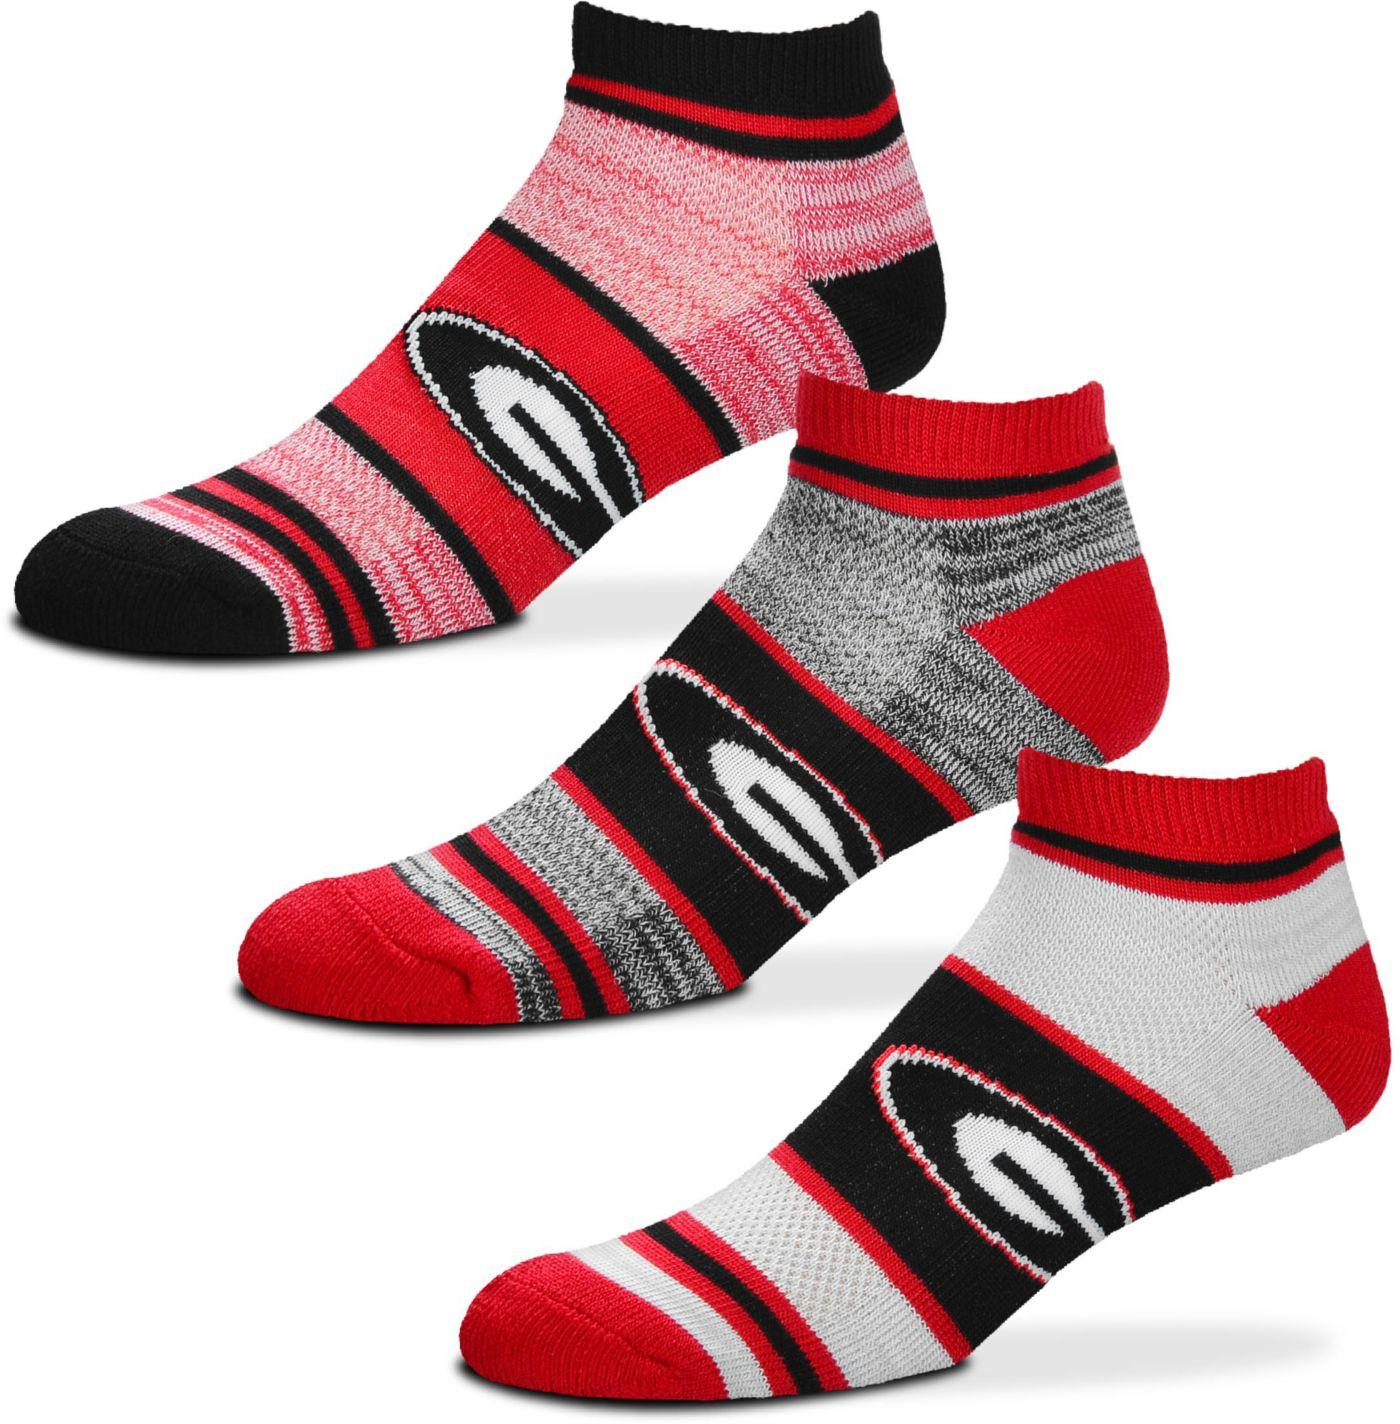 For Bare Feet Georgia Bulldogs 3 Pack Socks